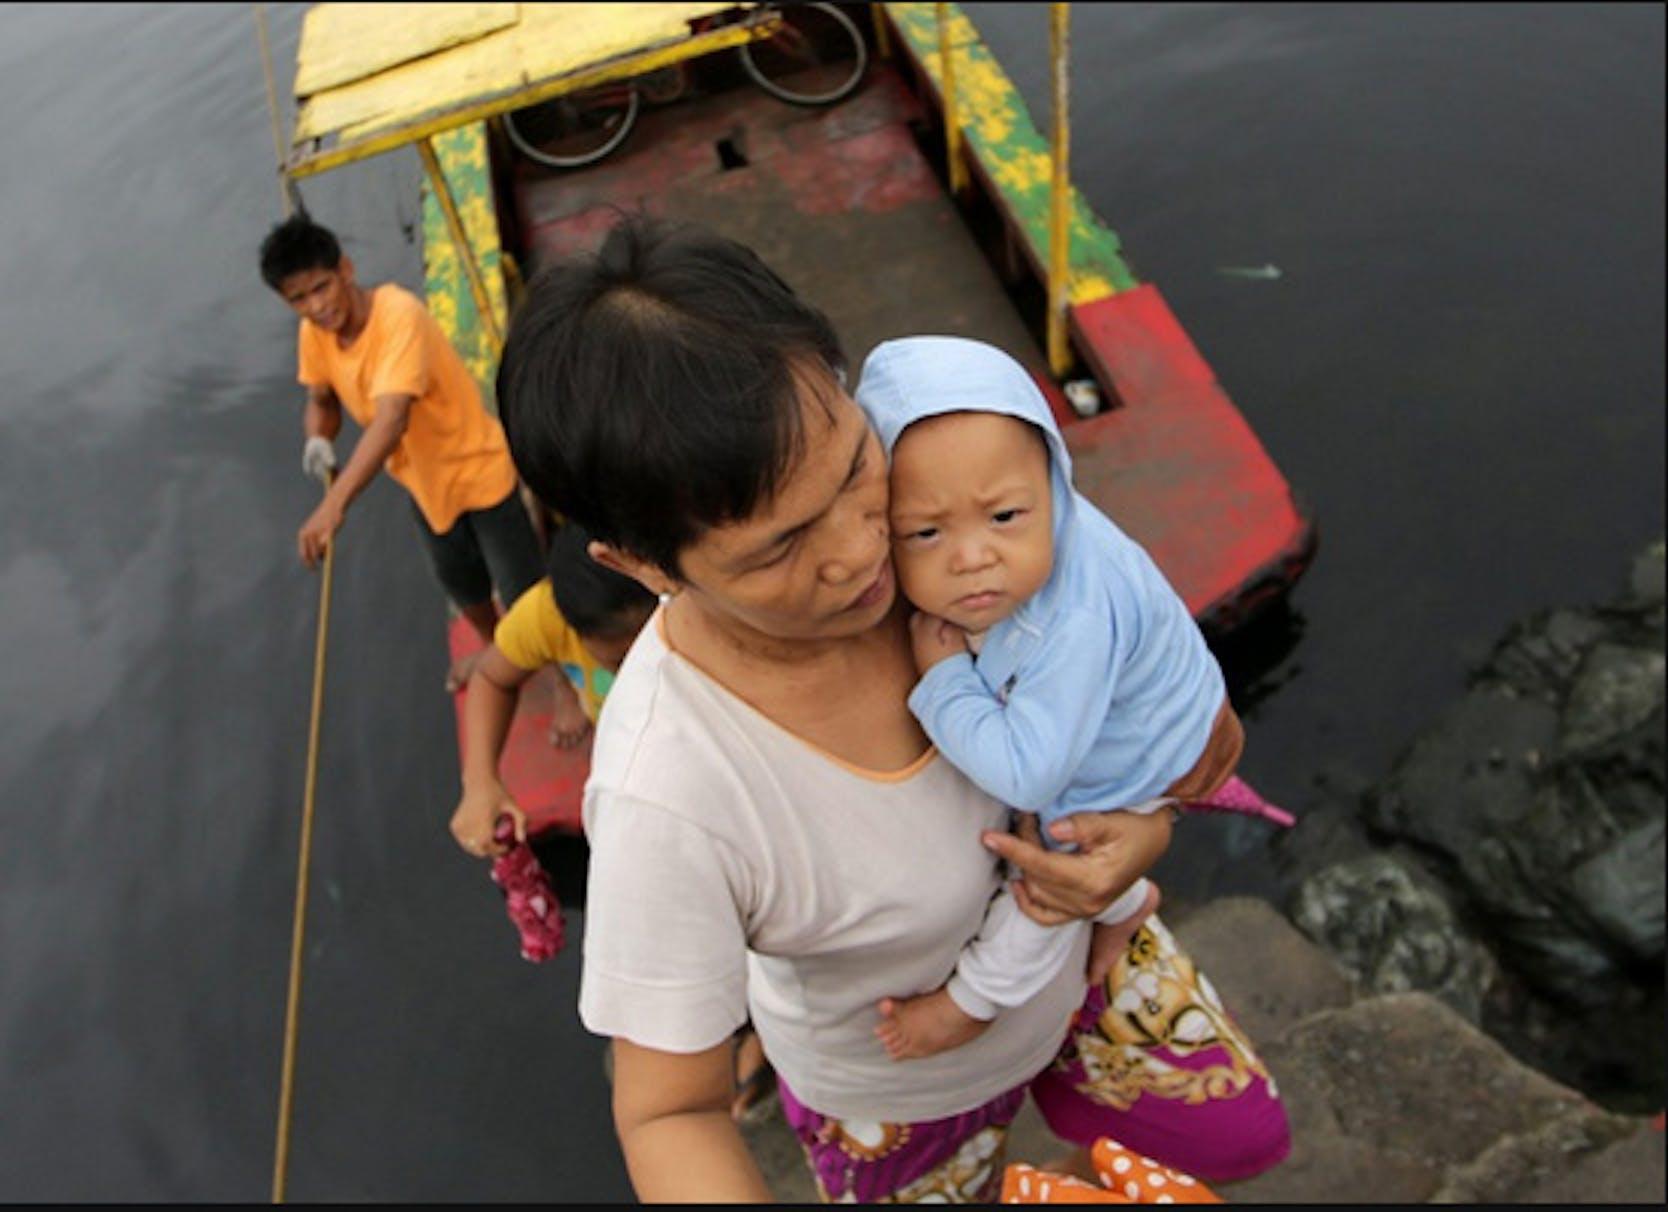 Madre e bambino sopravvissuti al super-tifone Hayan che ha colpito l'8 novembre 2013 le Filippine - ©Francis Malasig/EPA/2013